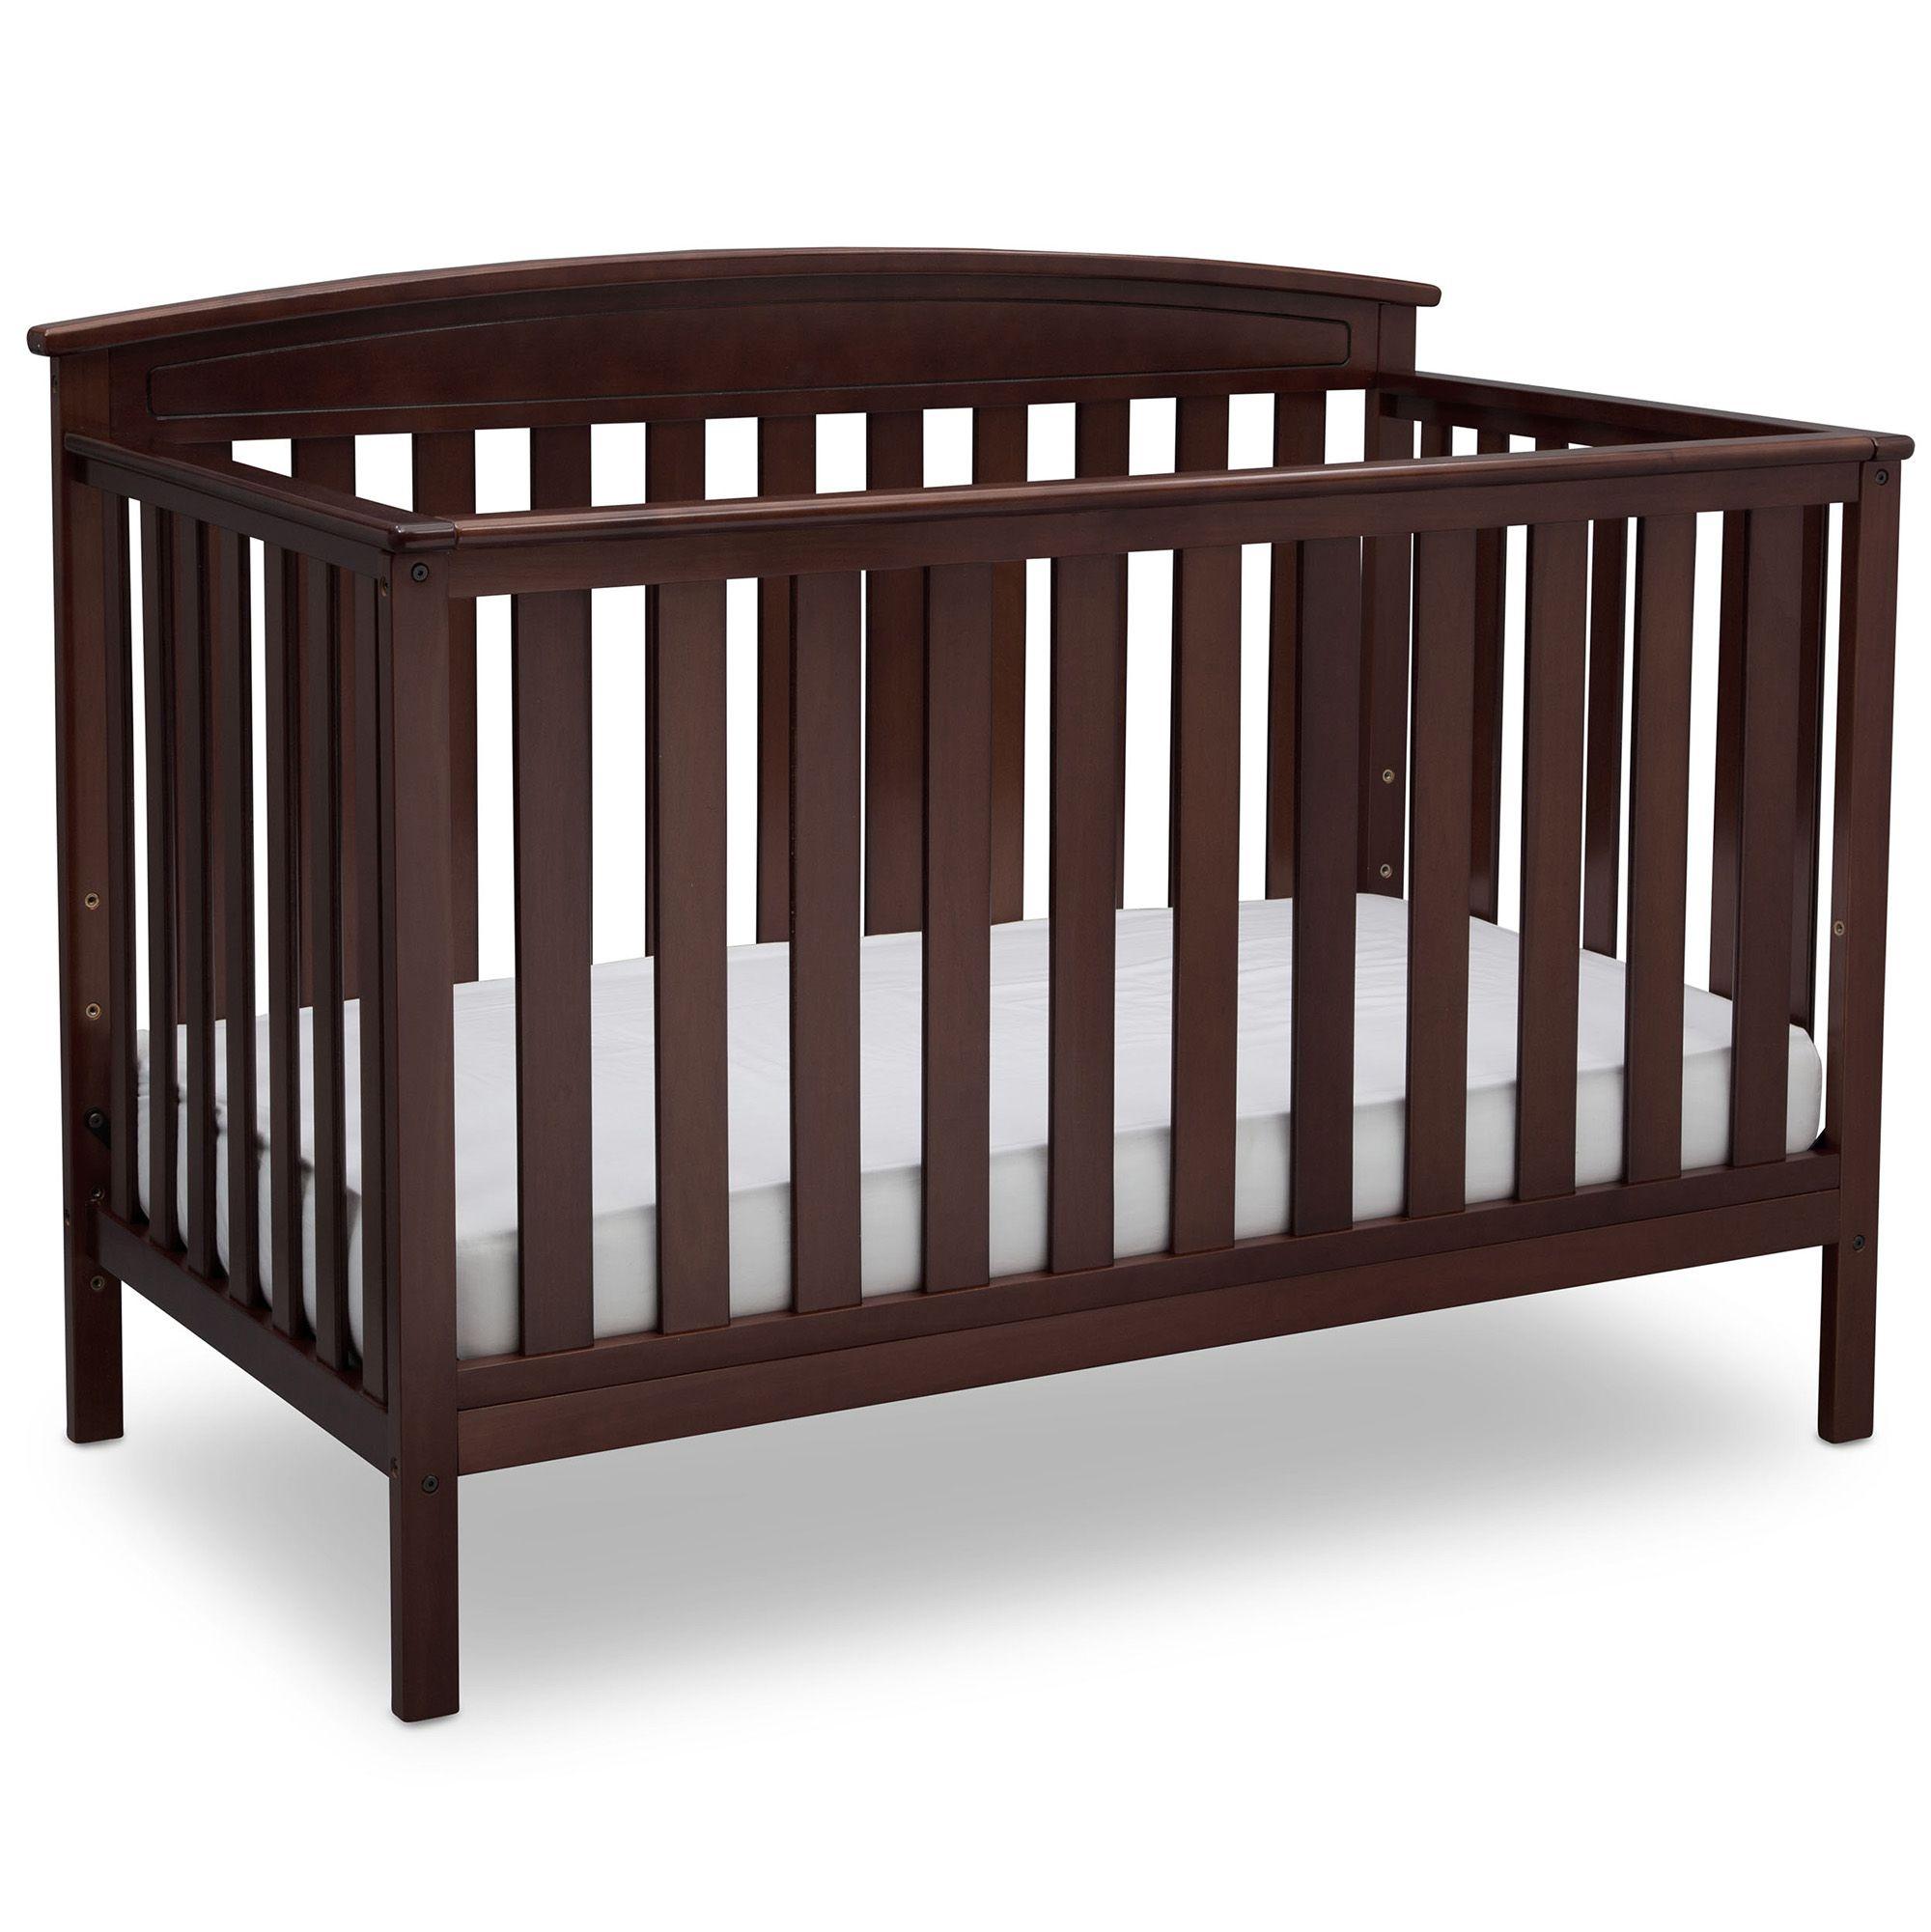 Baby Delta Children Convertible Crib Cribs